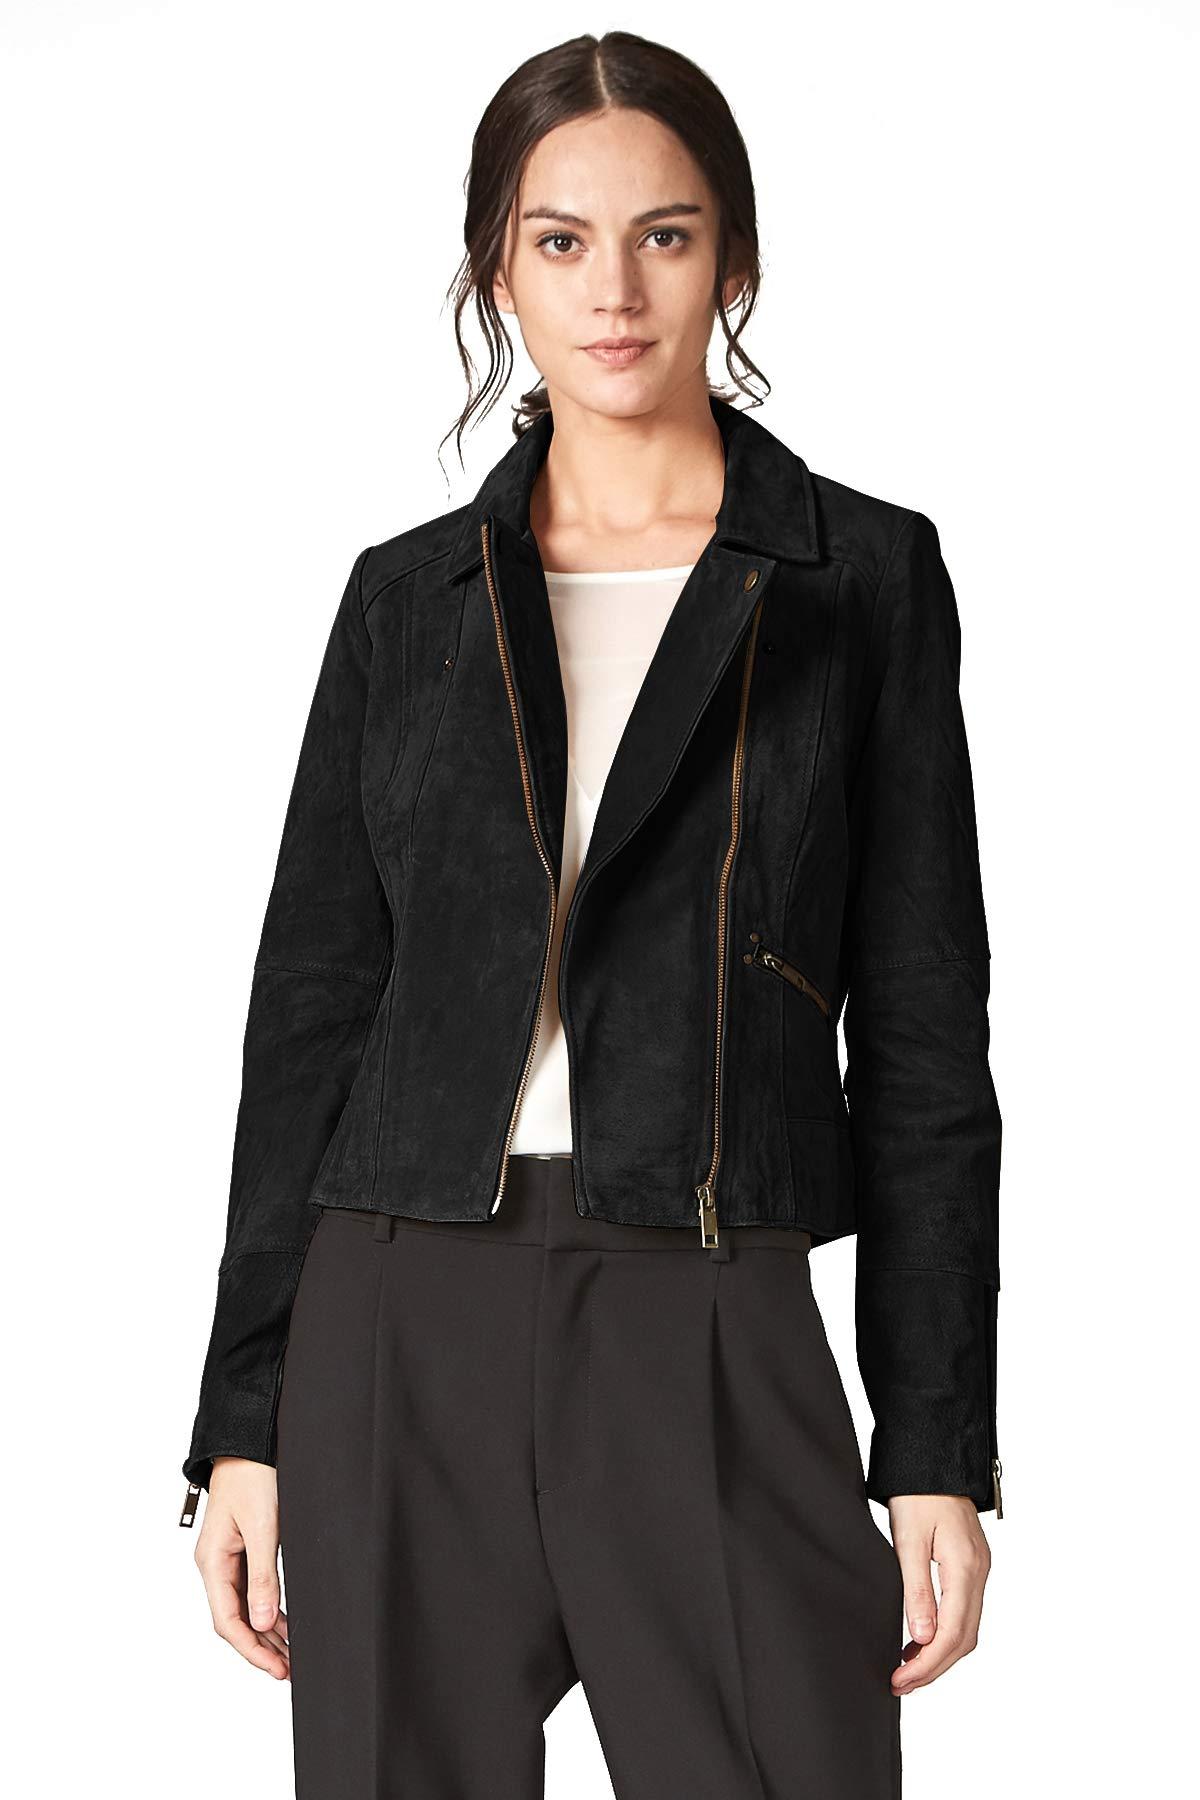 fc4d1854d482e Galleon - Escalier Women s Genuine Leather Jacket Suede Moto Biker Coat  Black S